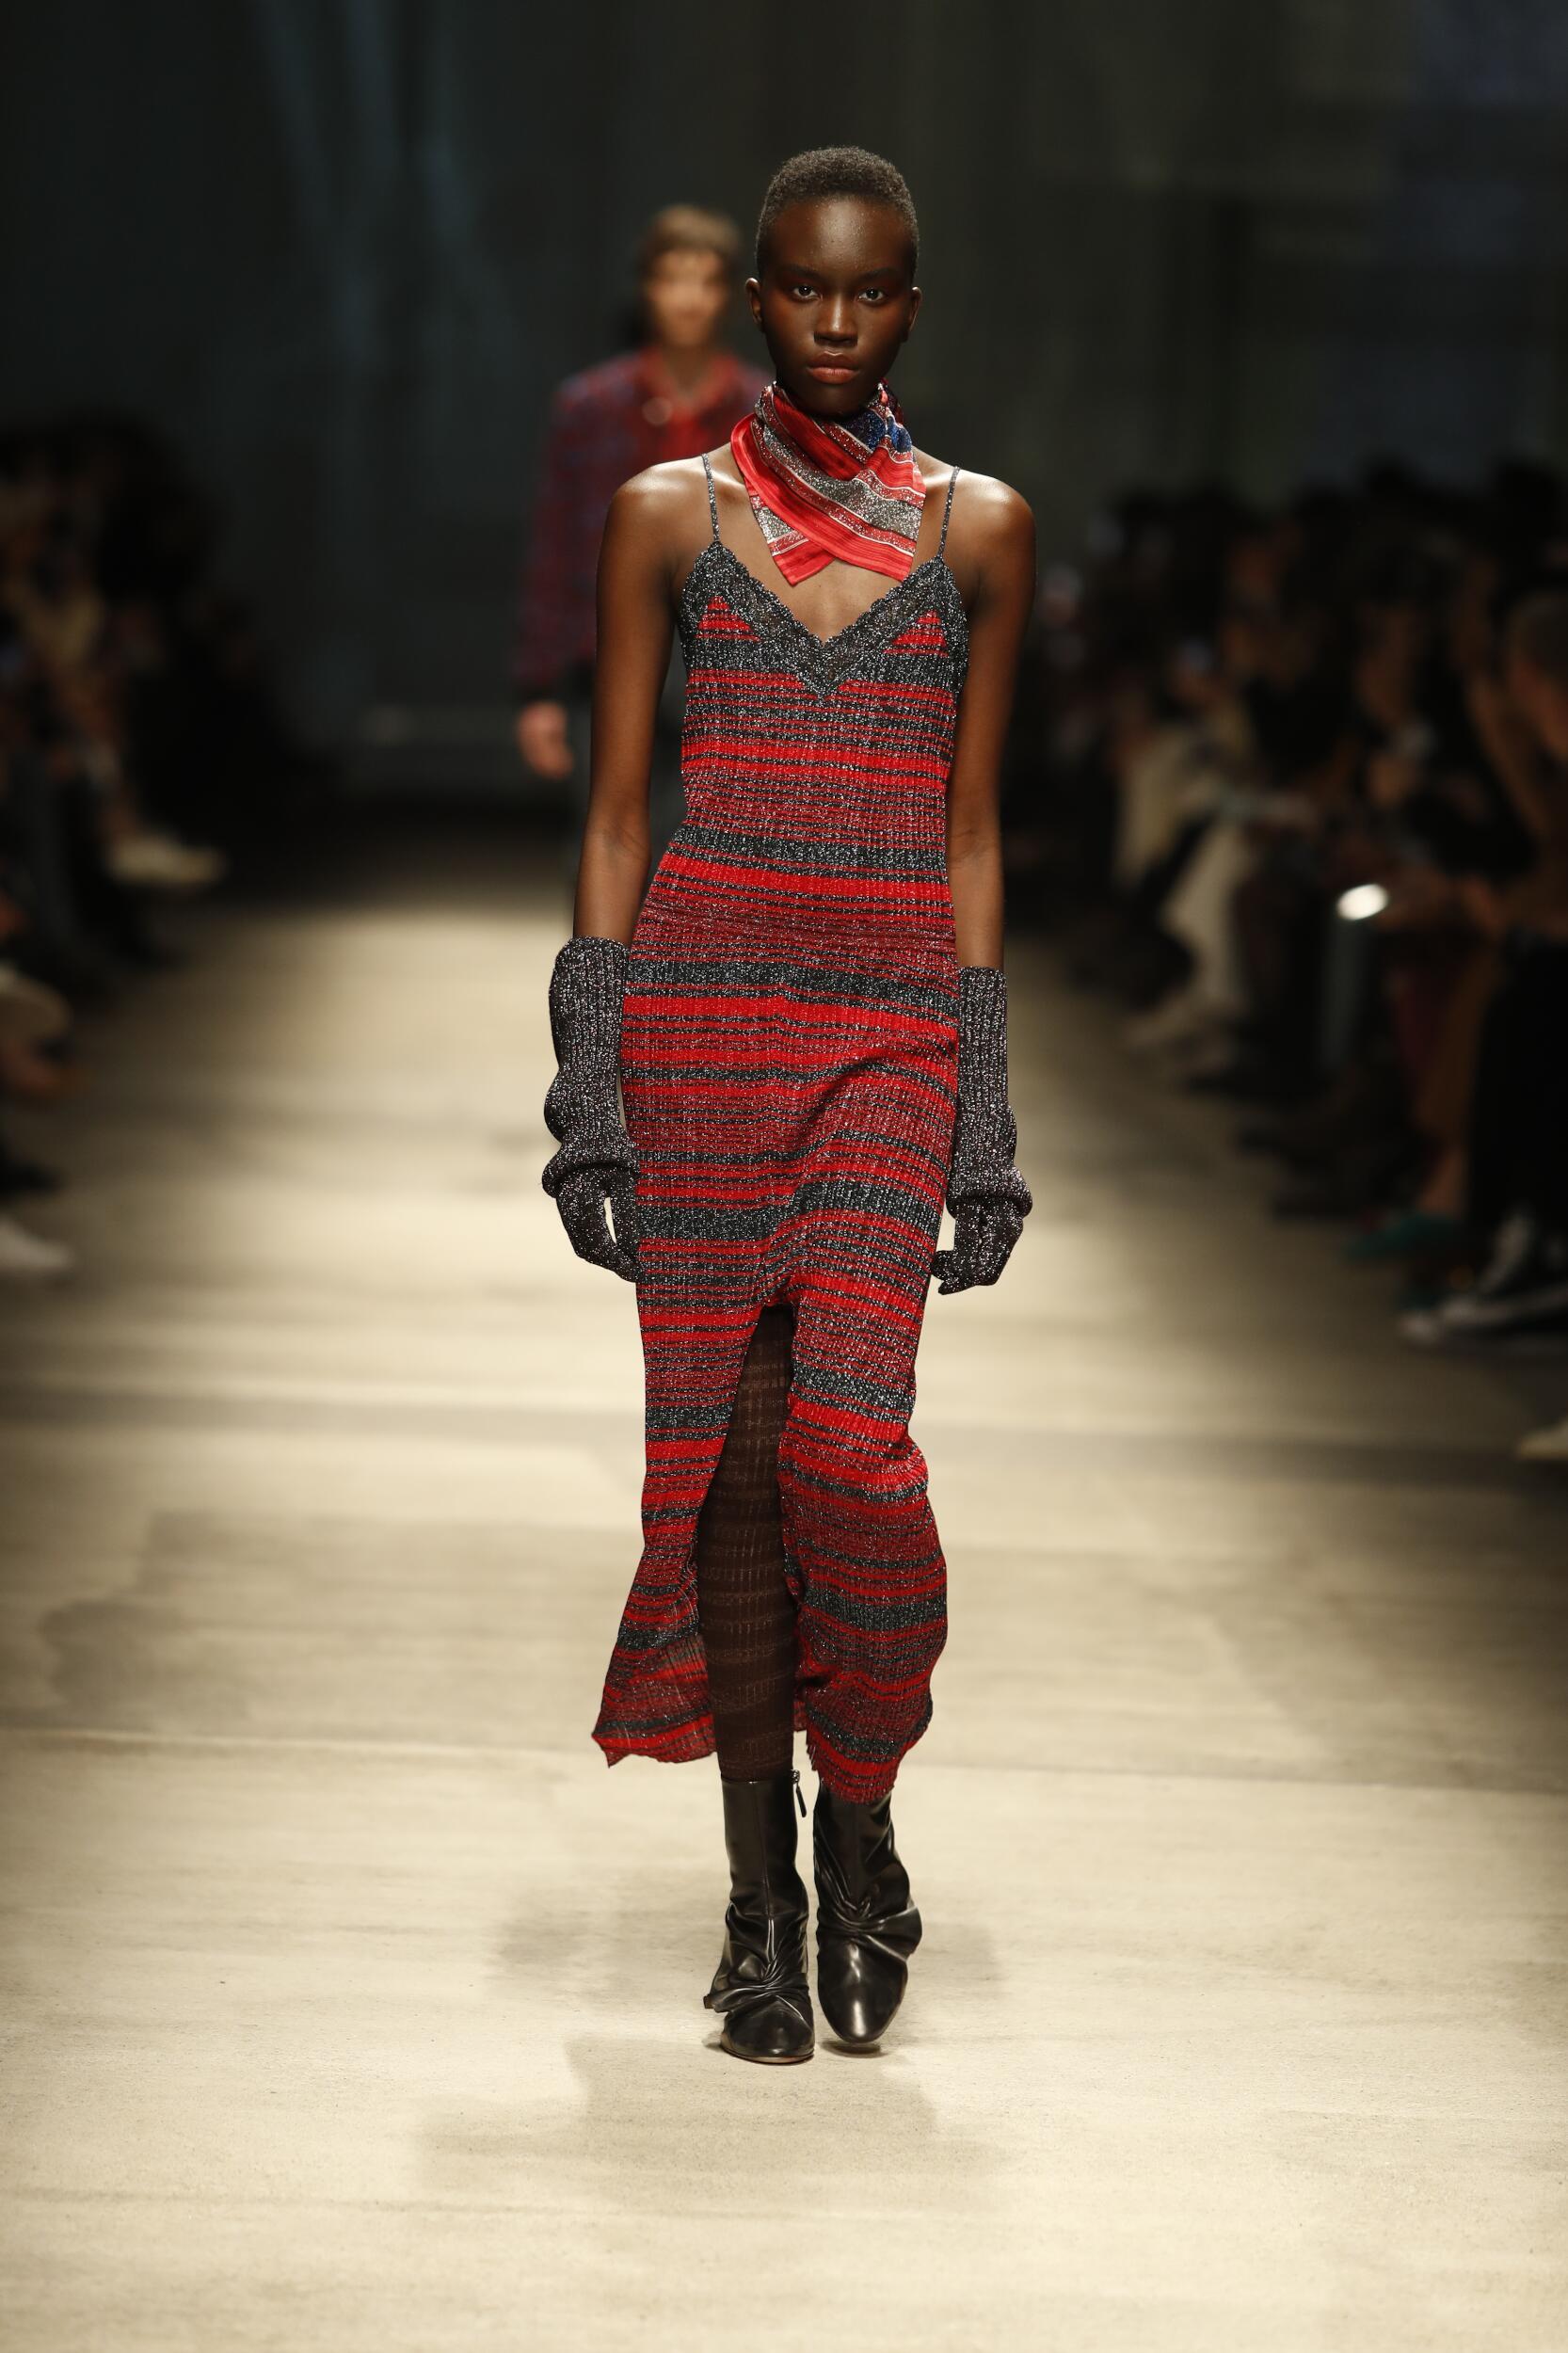 Womenswear Winter Missoni 2020